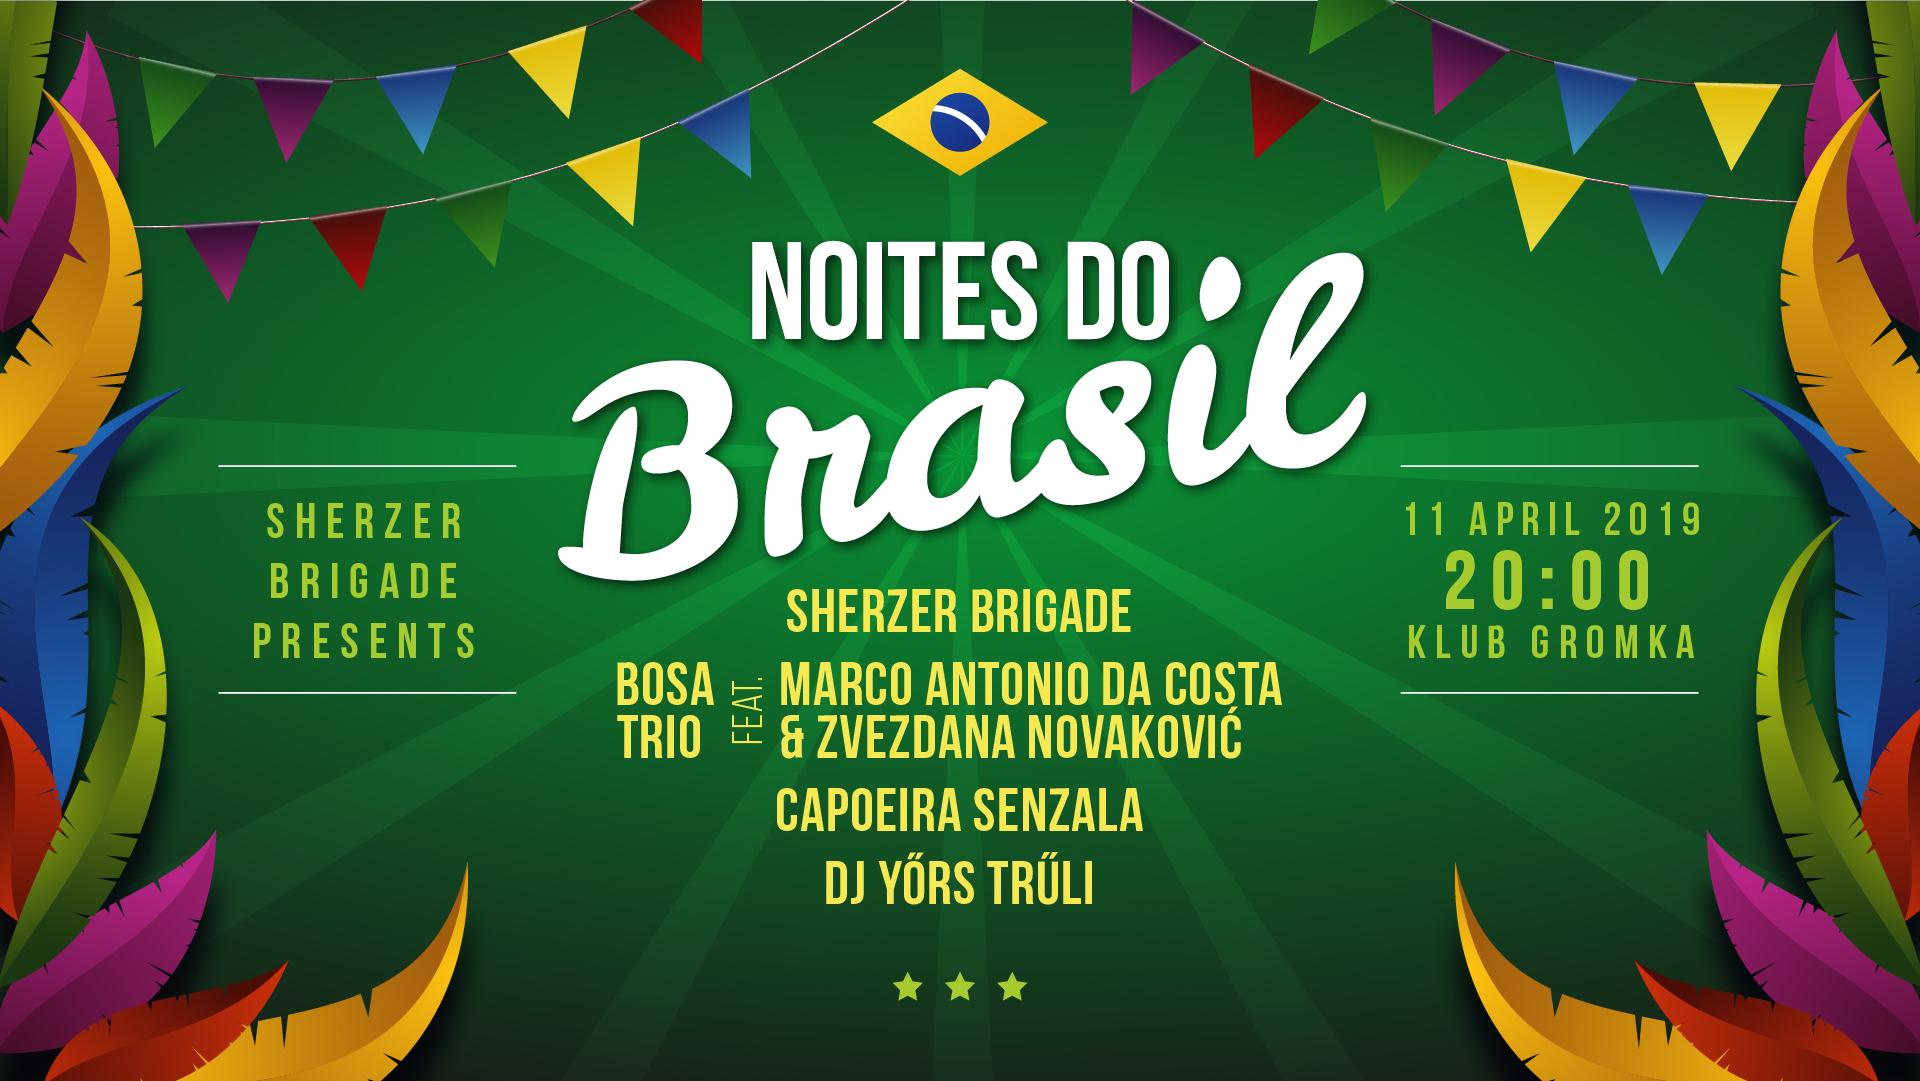 Noites_do_brasil_2019-04_FB.jpg